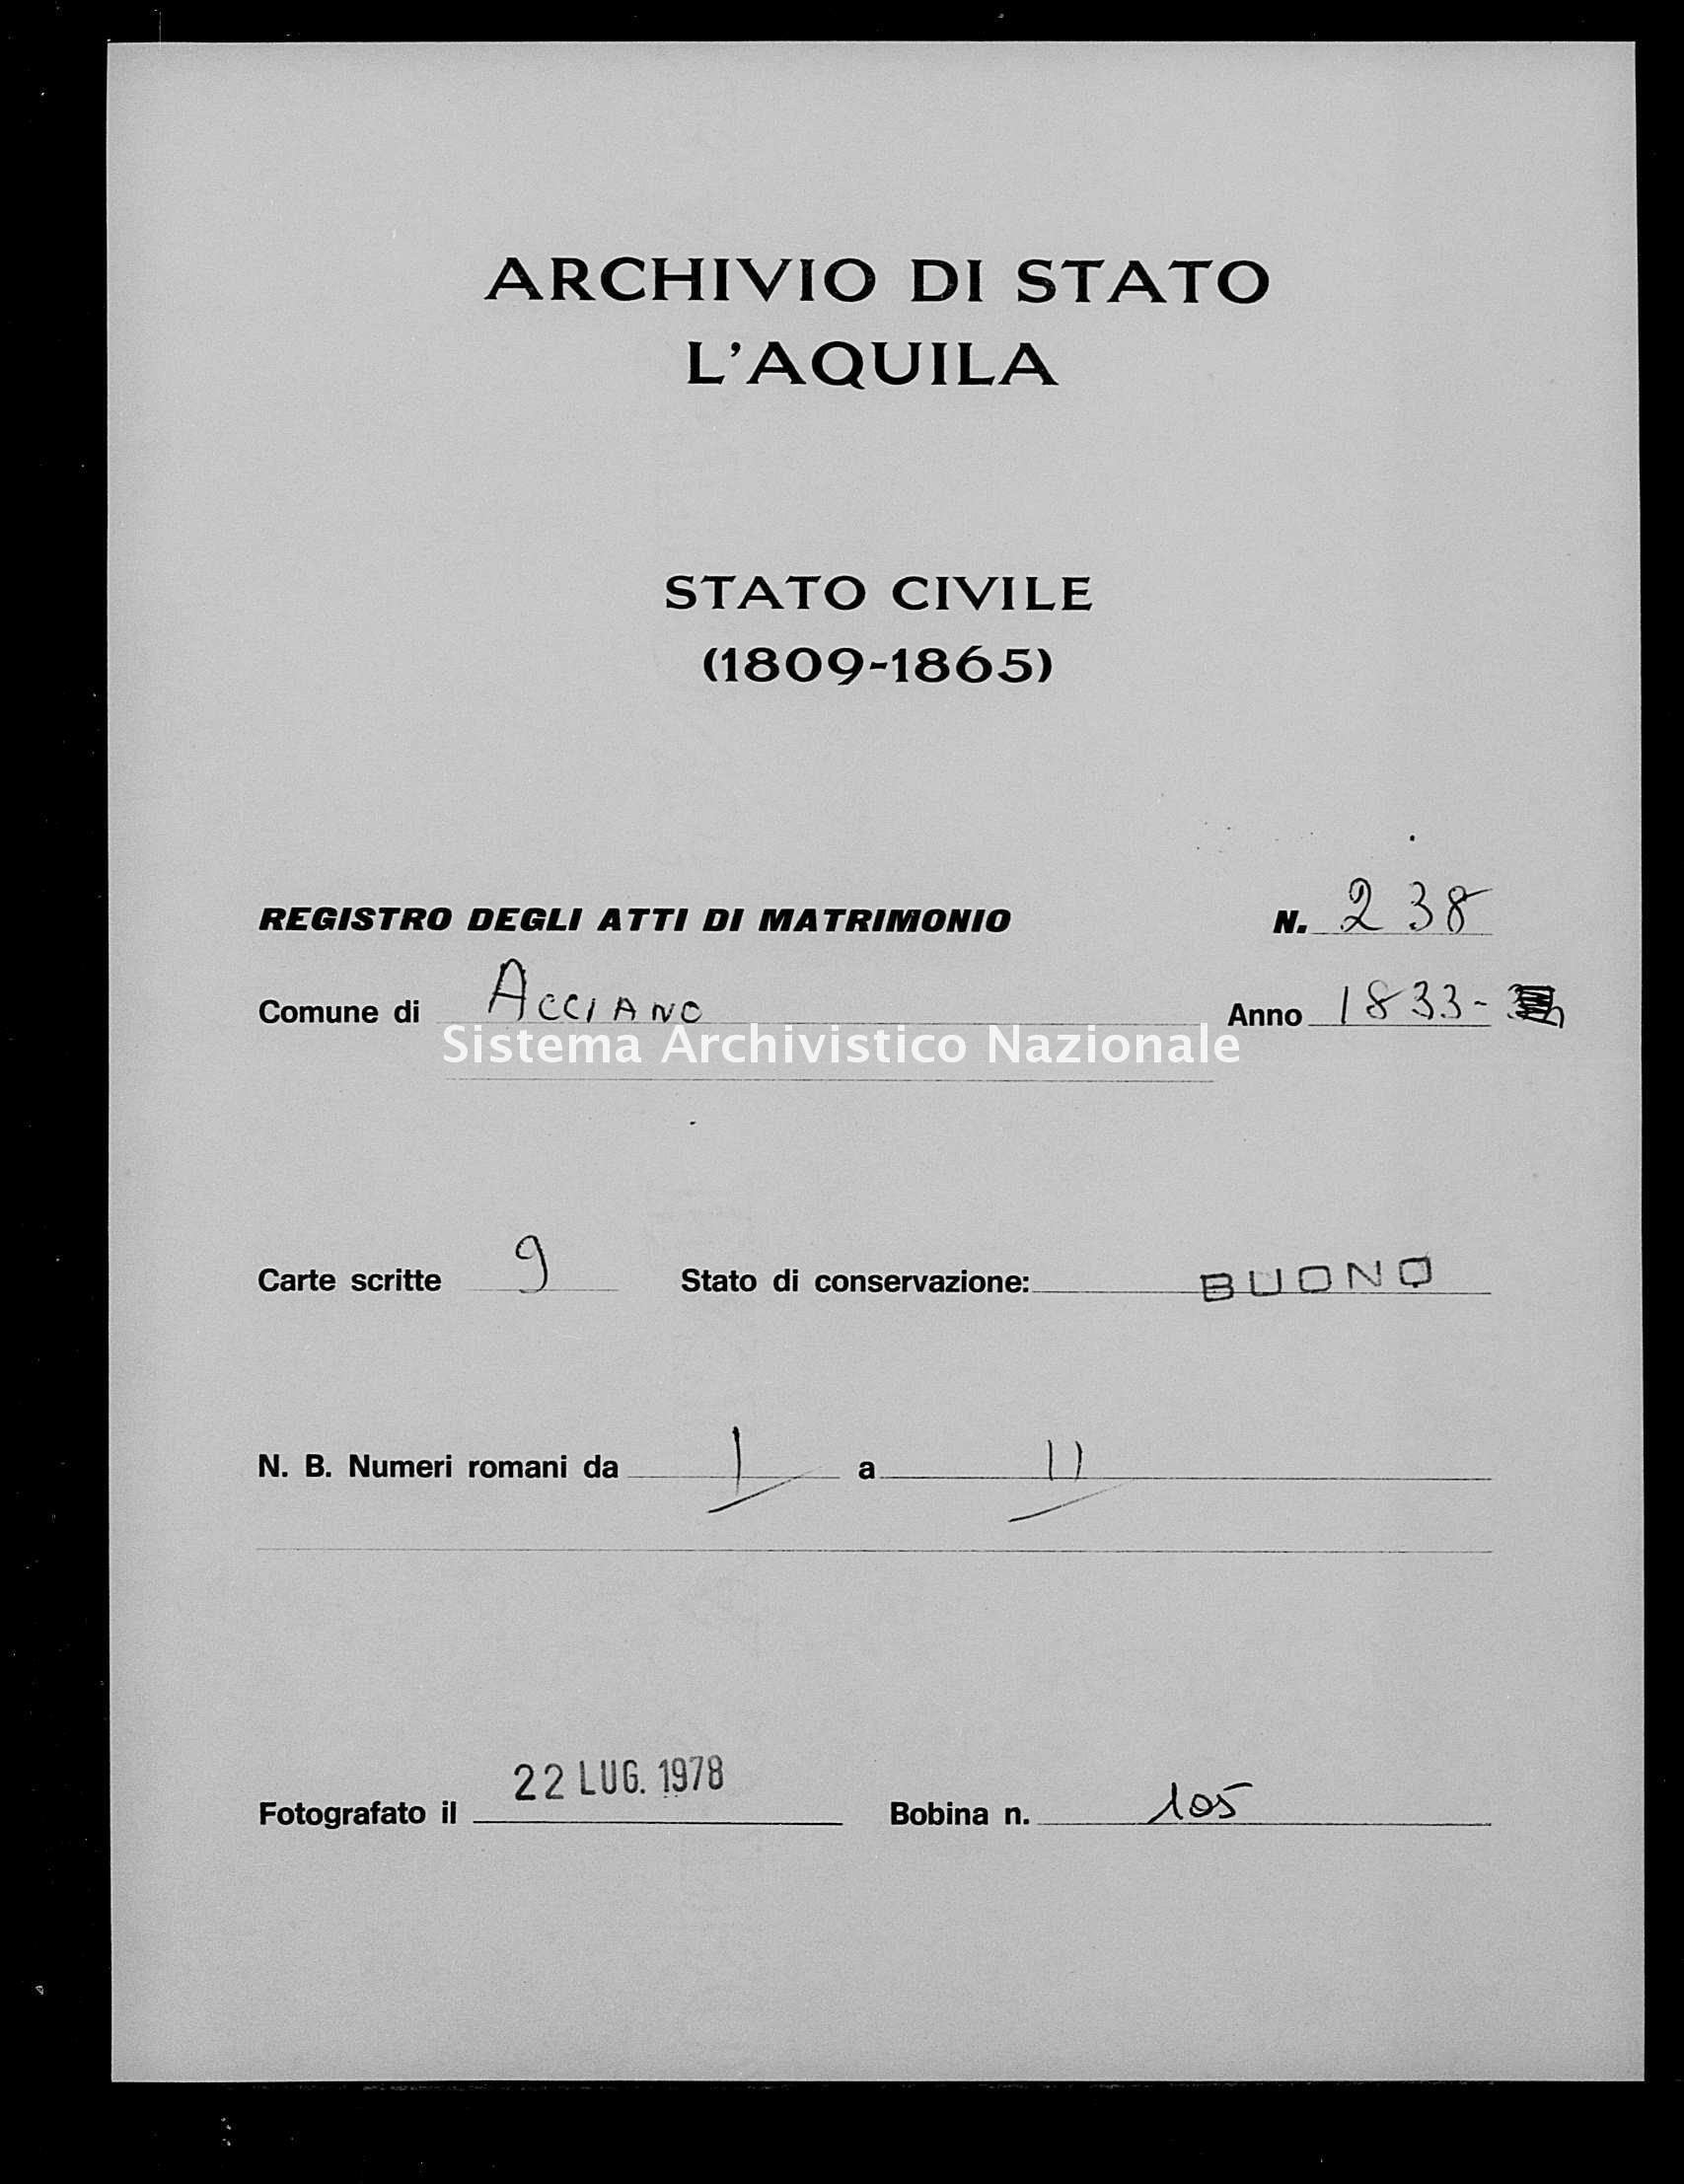 Archivio di stato di L'aquila - Stato civile della restaurazione - Acciano - Matrimoni - 1833 - 238 -